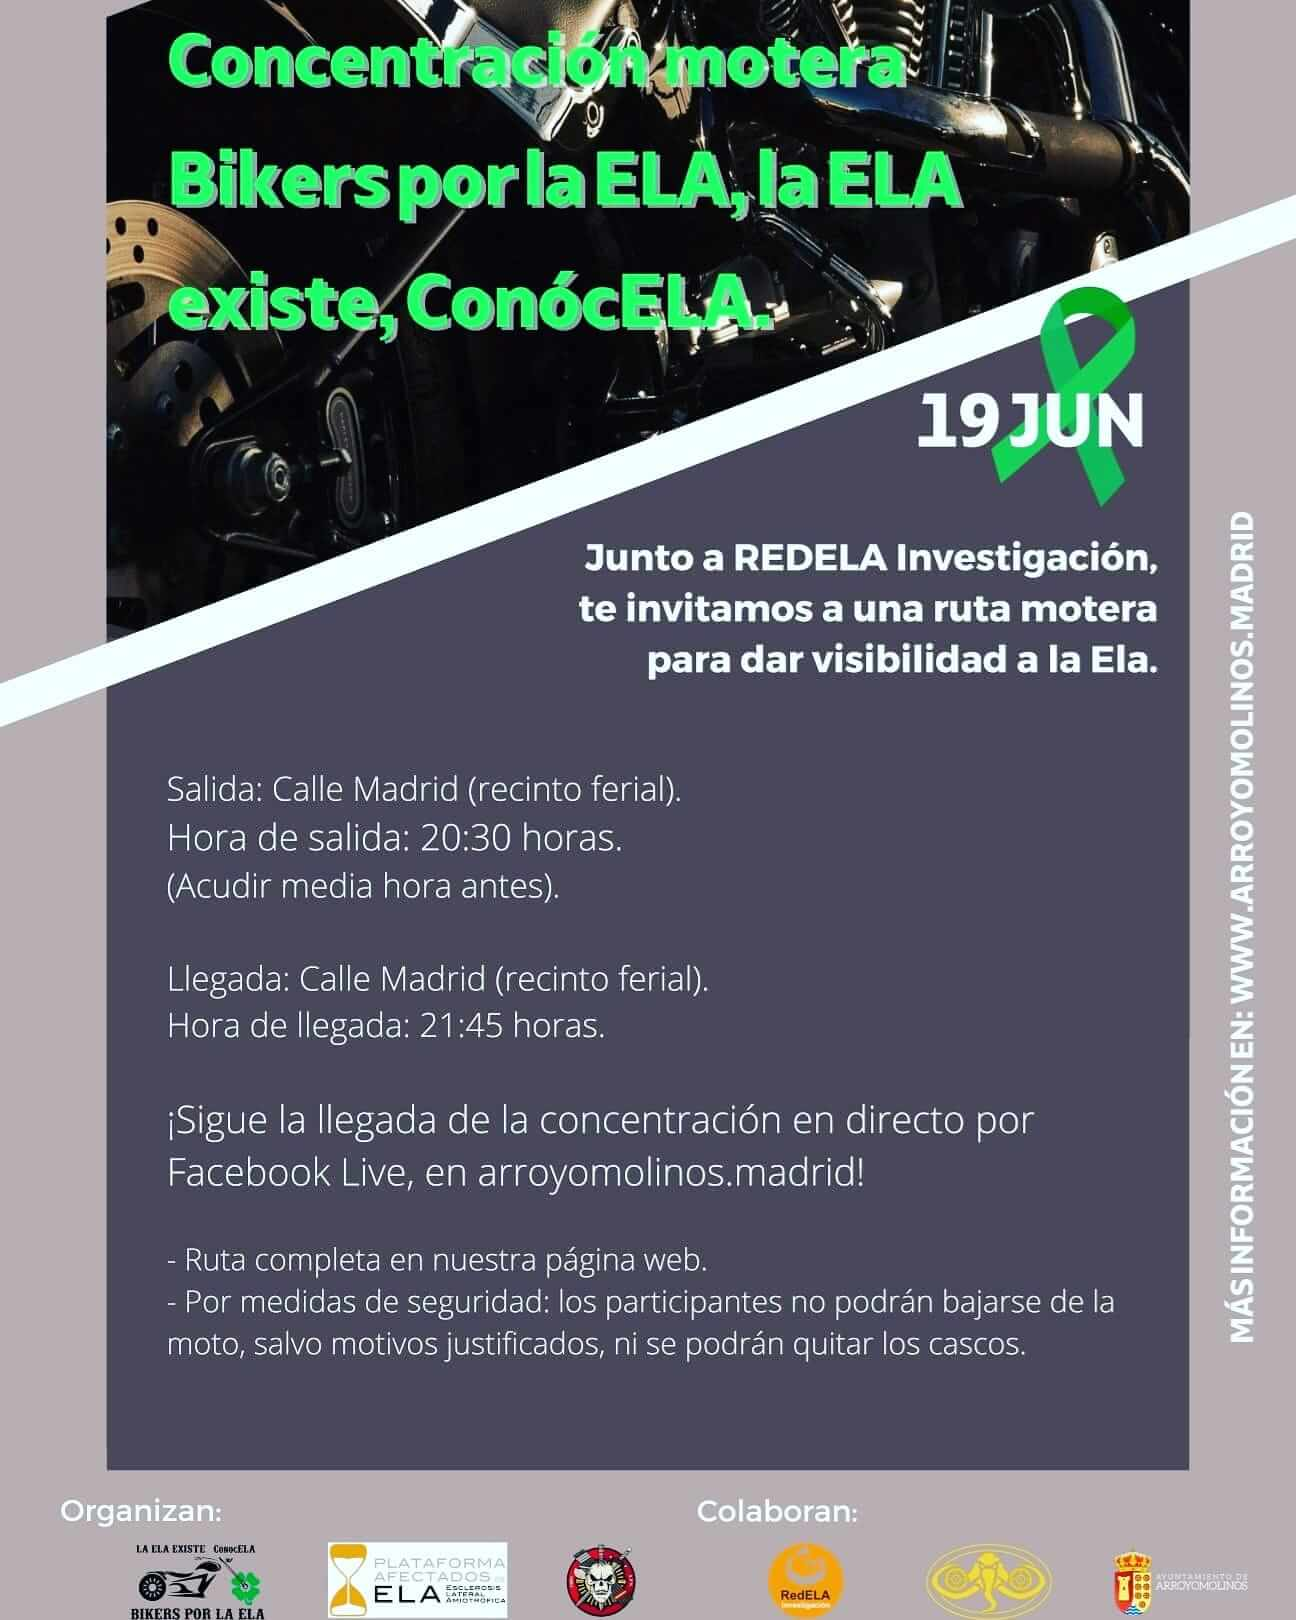 Concentración y Ruta Motera Bikers por la ELA en Arroyomolinos, Madrid.